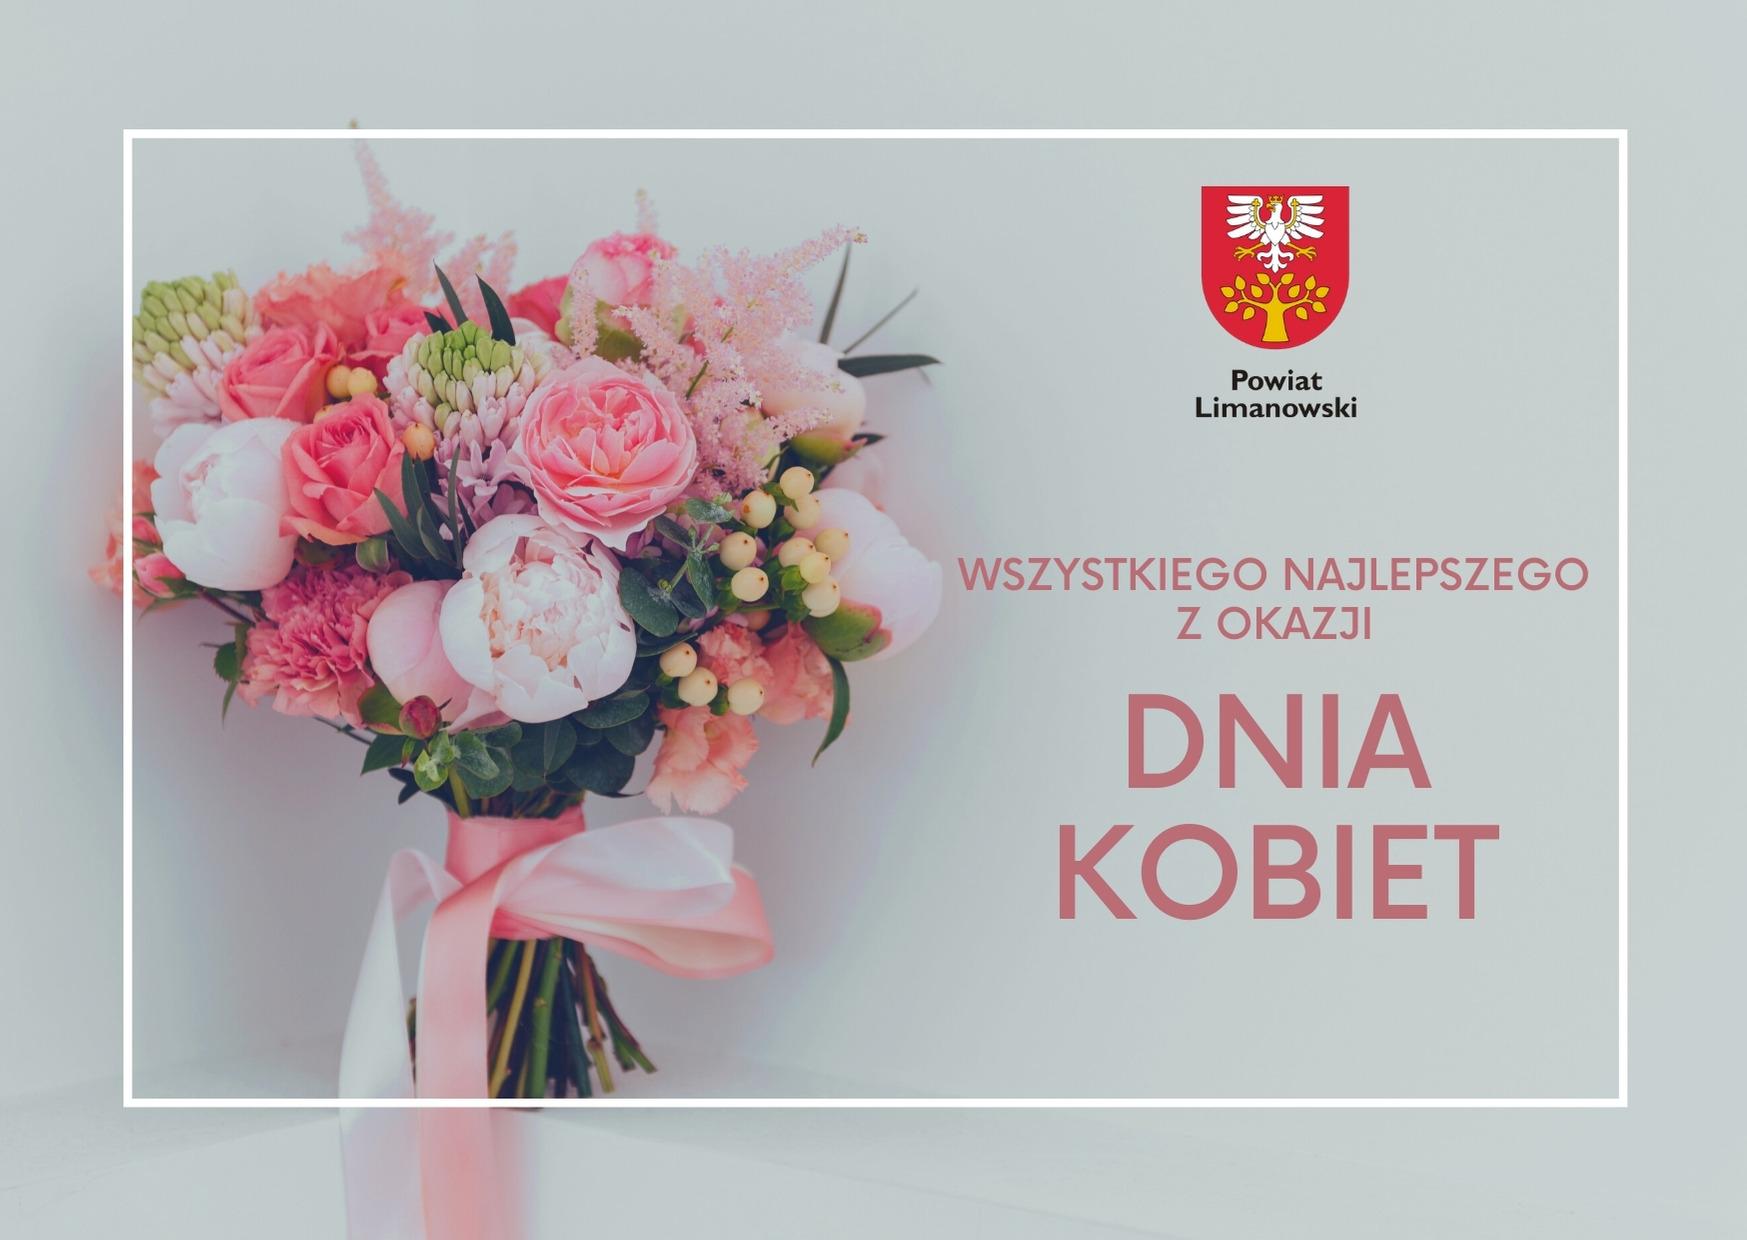 Wszystkiego najlepszego z okazji dnia kobiet. Bukiet kwiatów. Herb powiatu limanowskiego